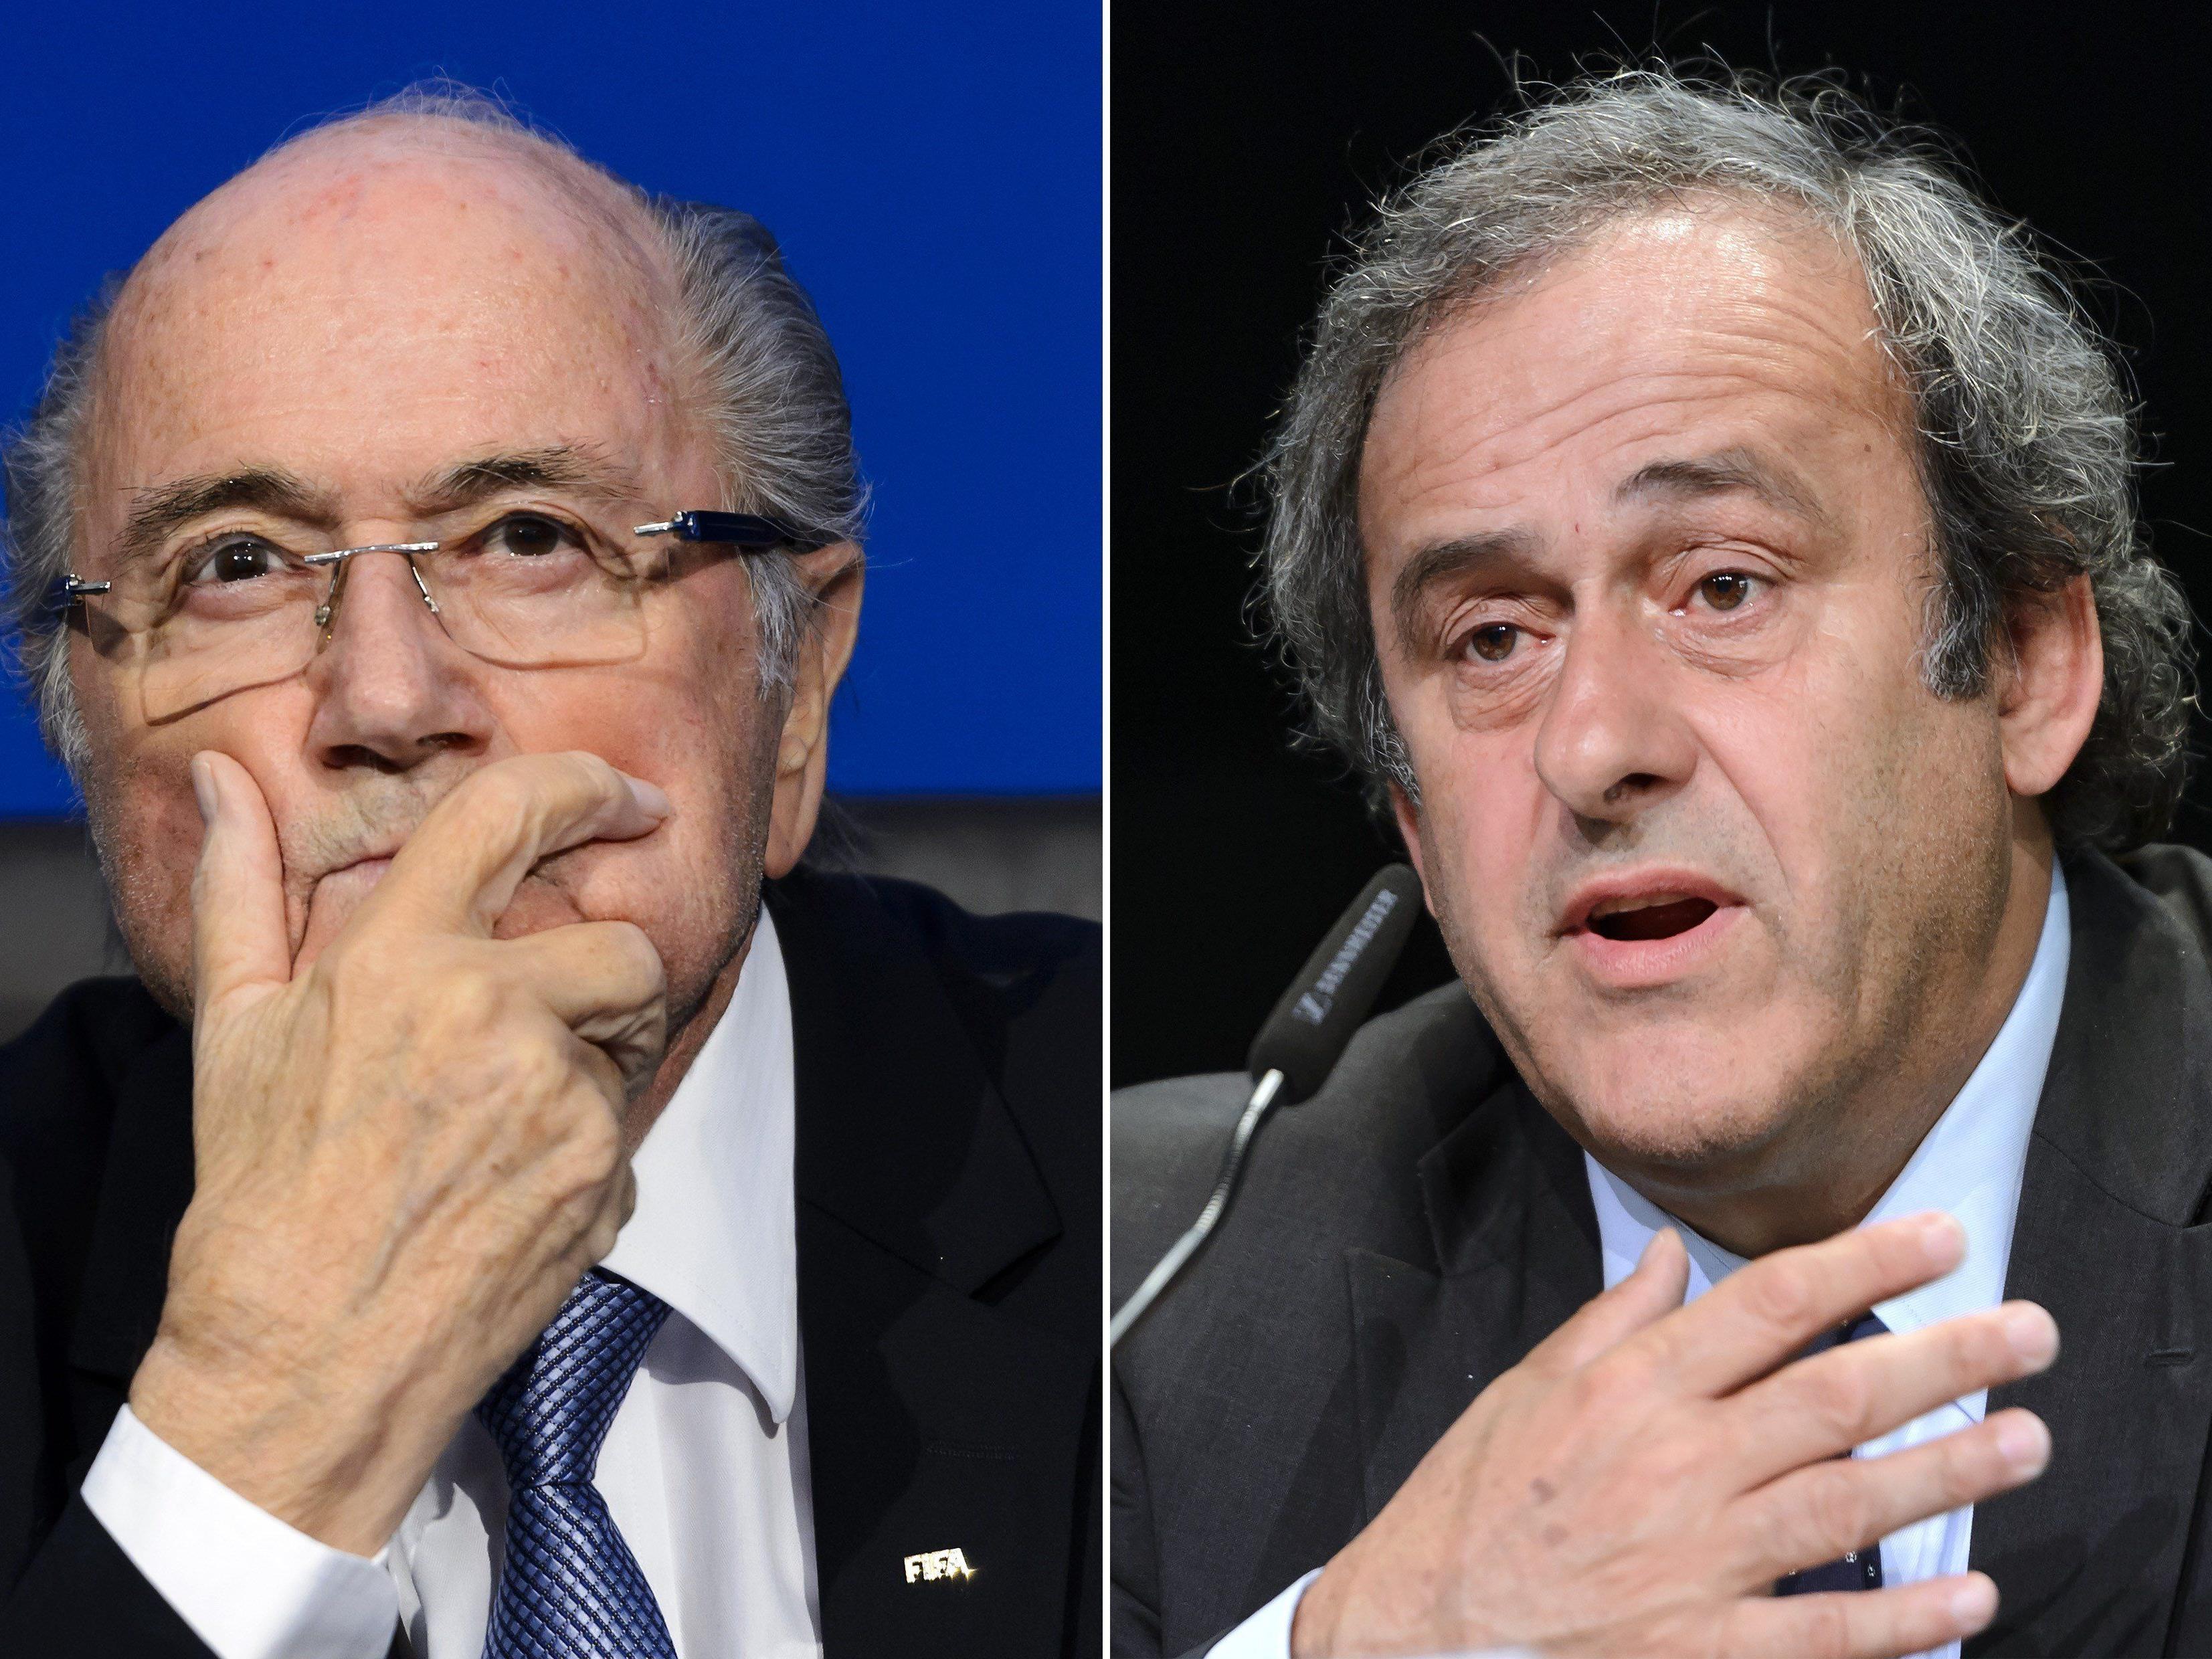 Suspendierter UEFA-Präsident Platini fehlt auf Kandidatenliste - Blatter-Nachfolger wird am 26. Februar 2016 gewählt.